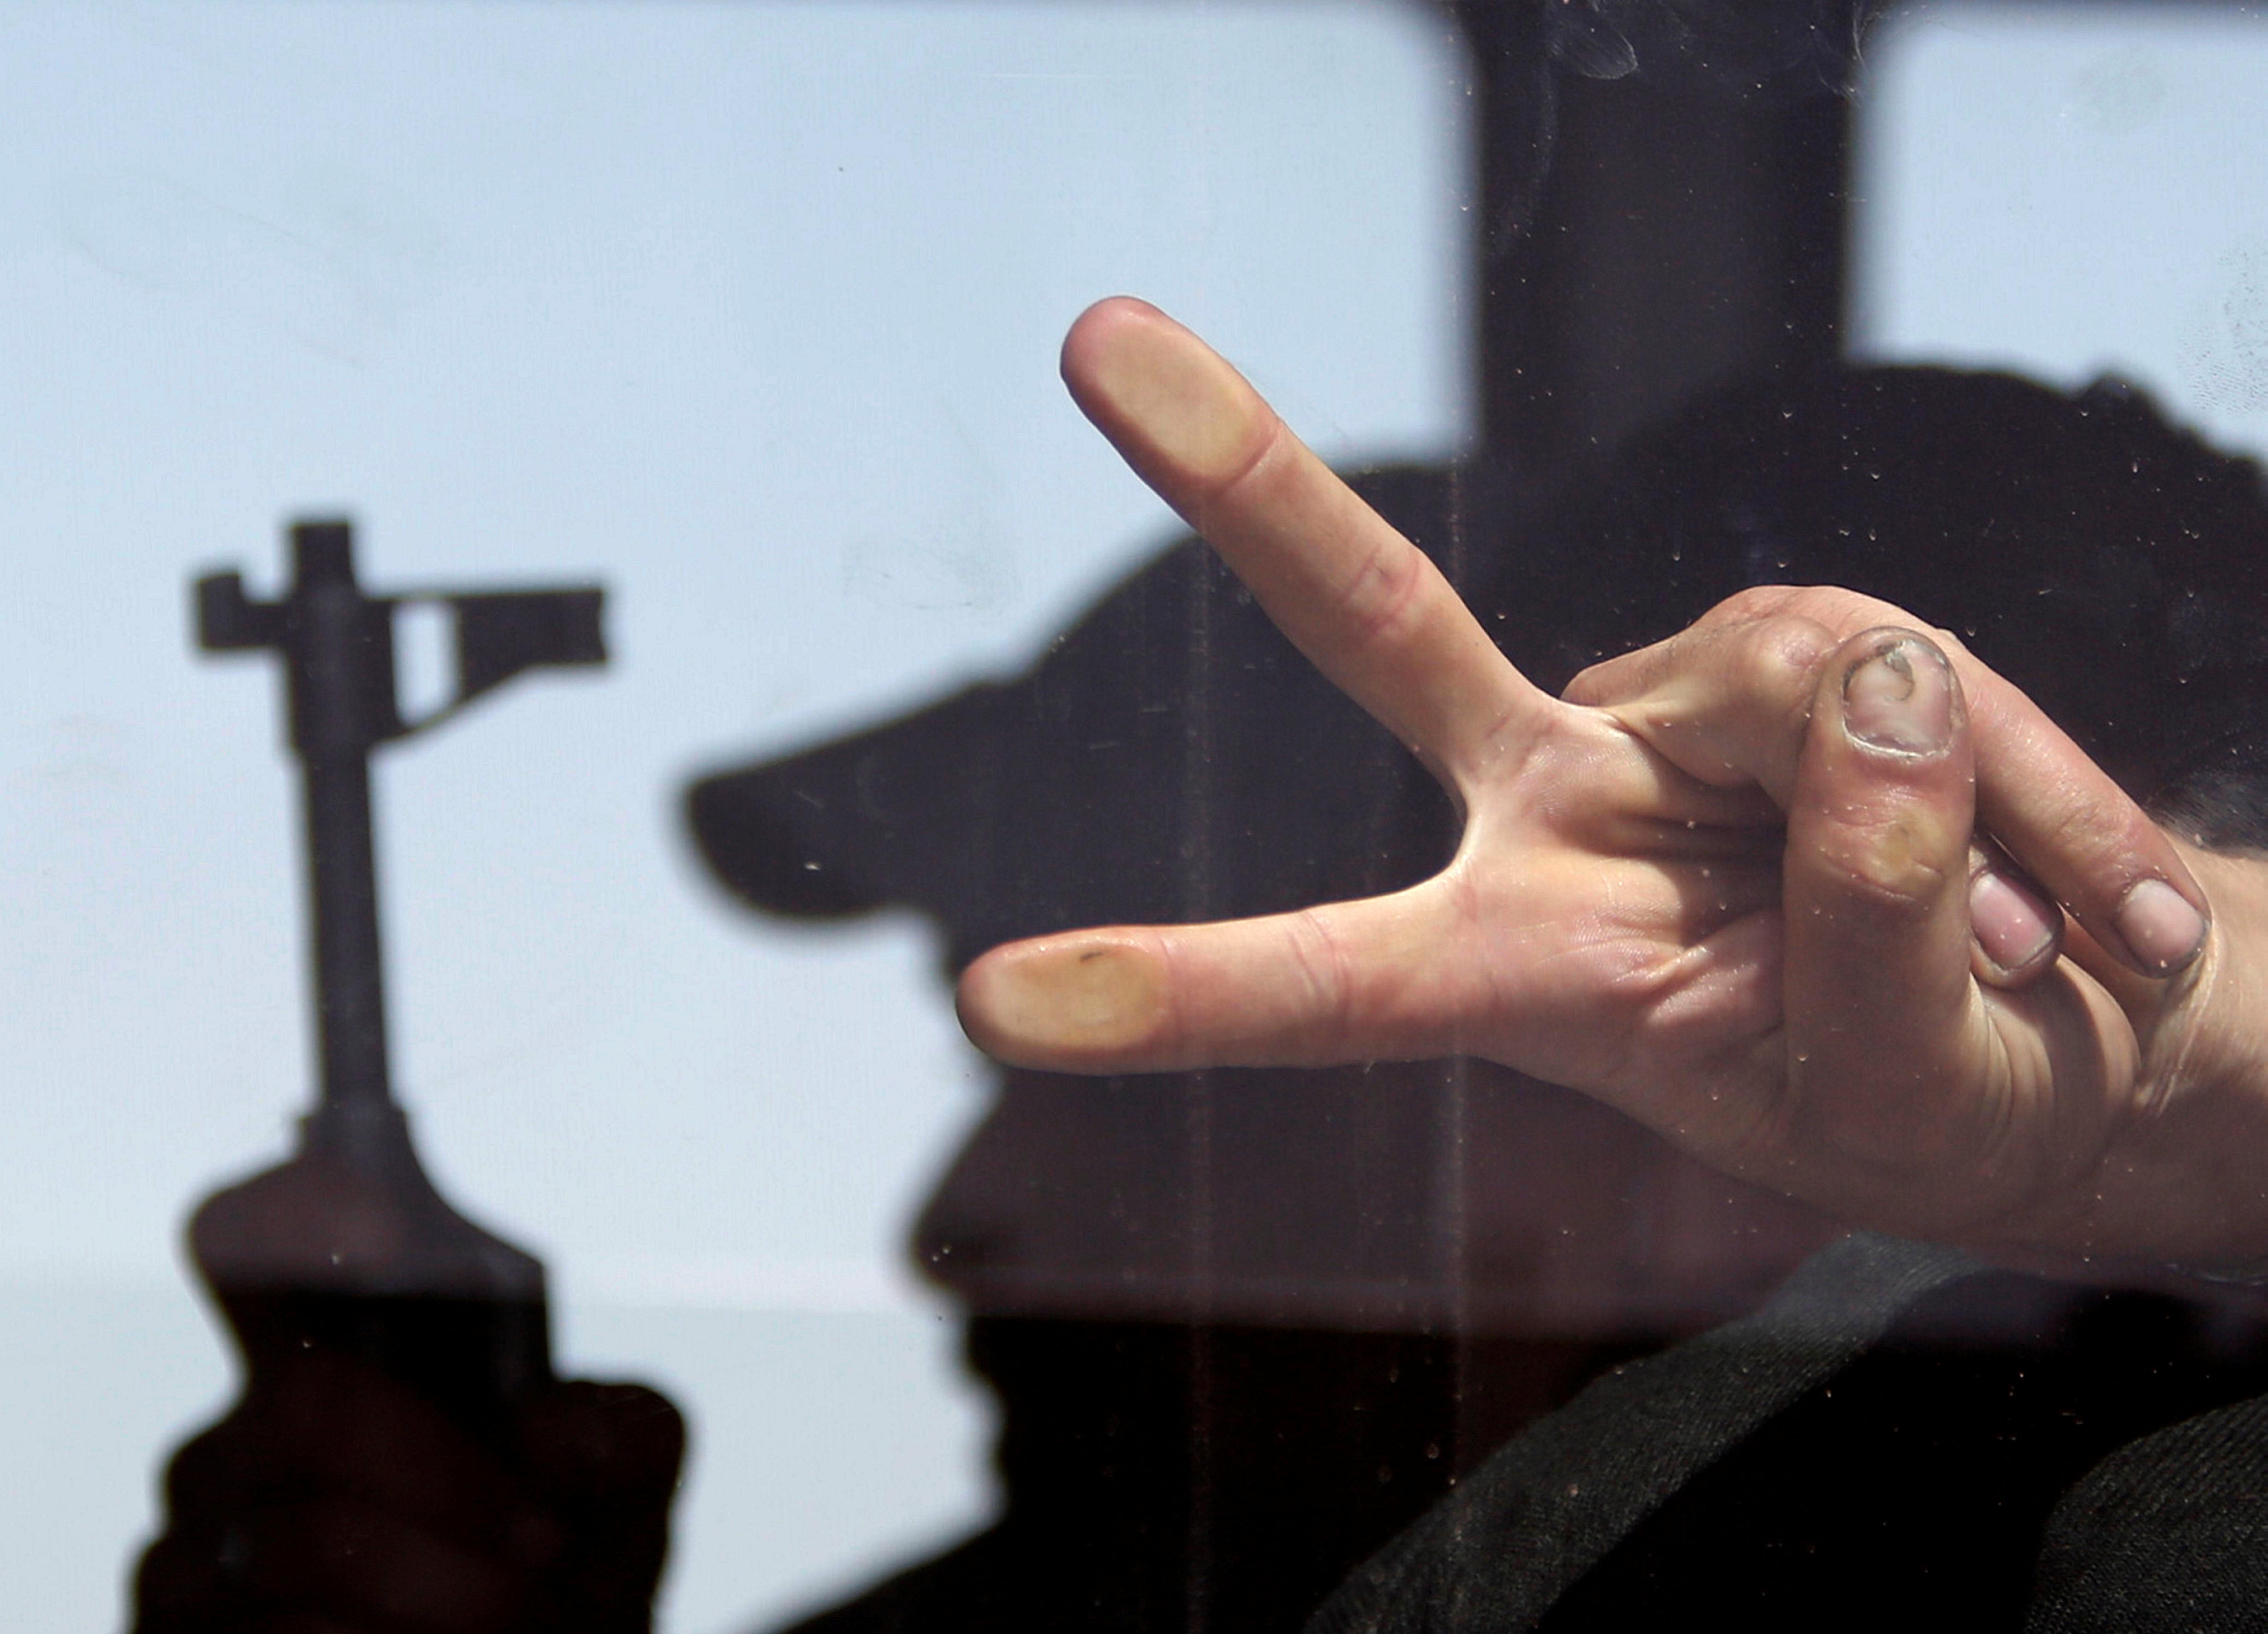 Συρία: Ξεκίνησε η απομάκρυνση των μαχητών του ΙΚ από το